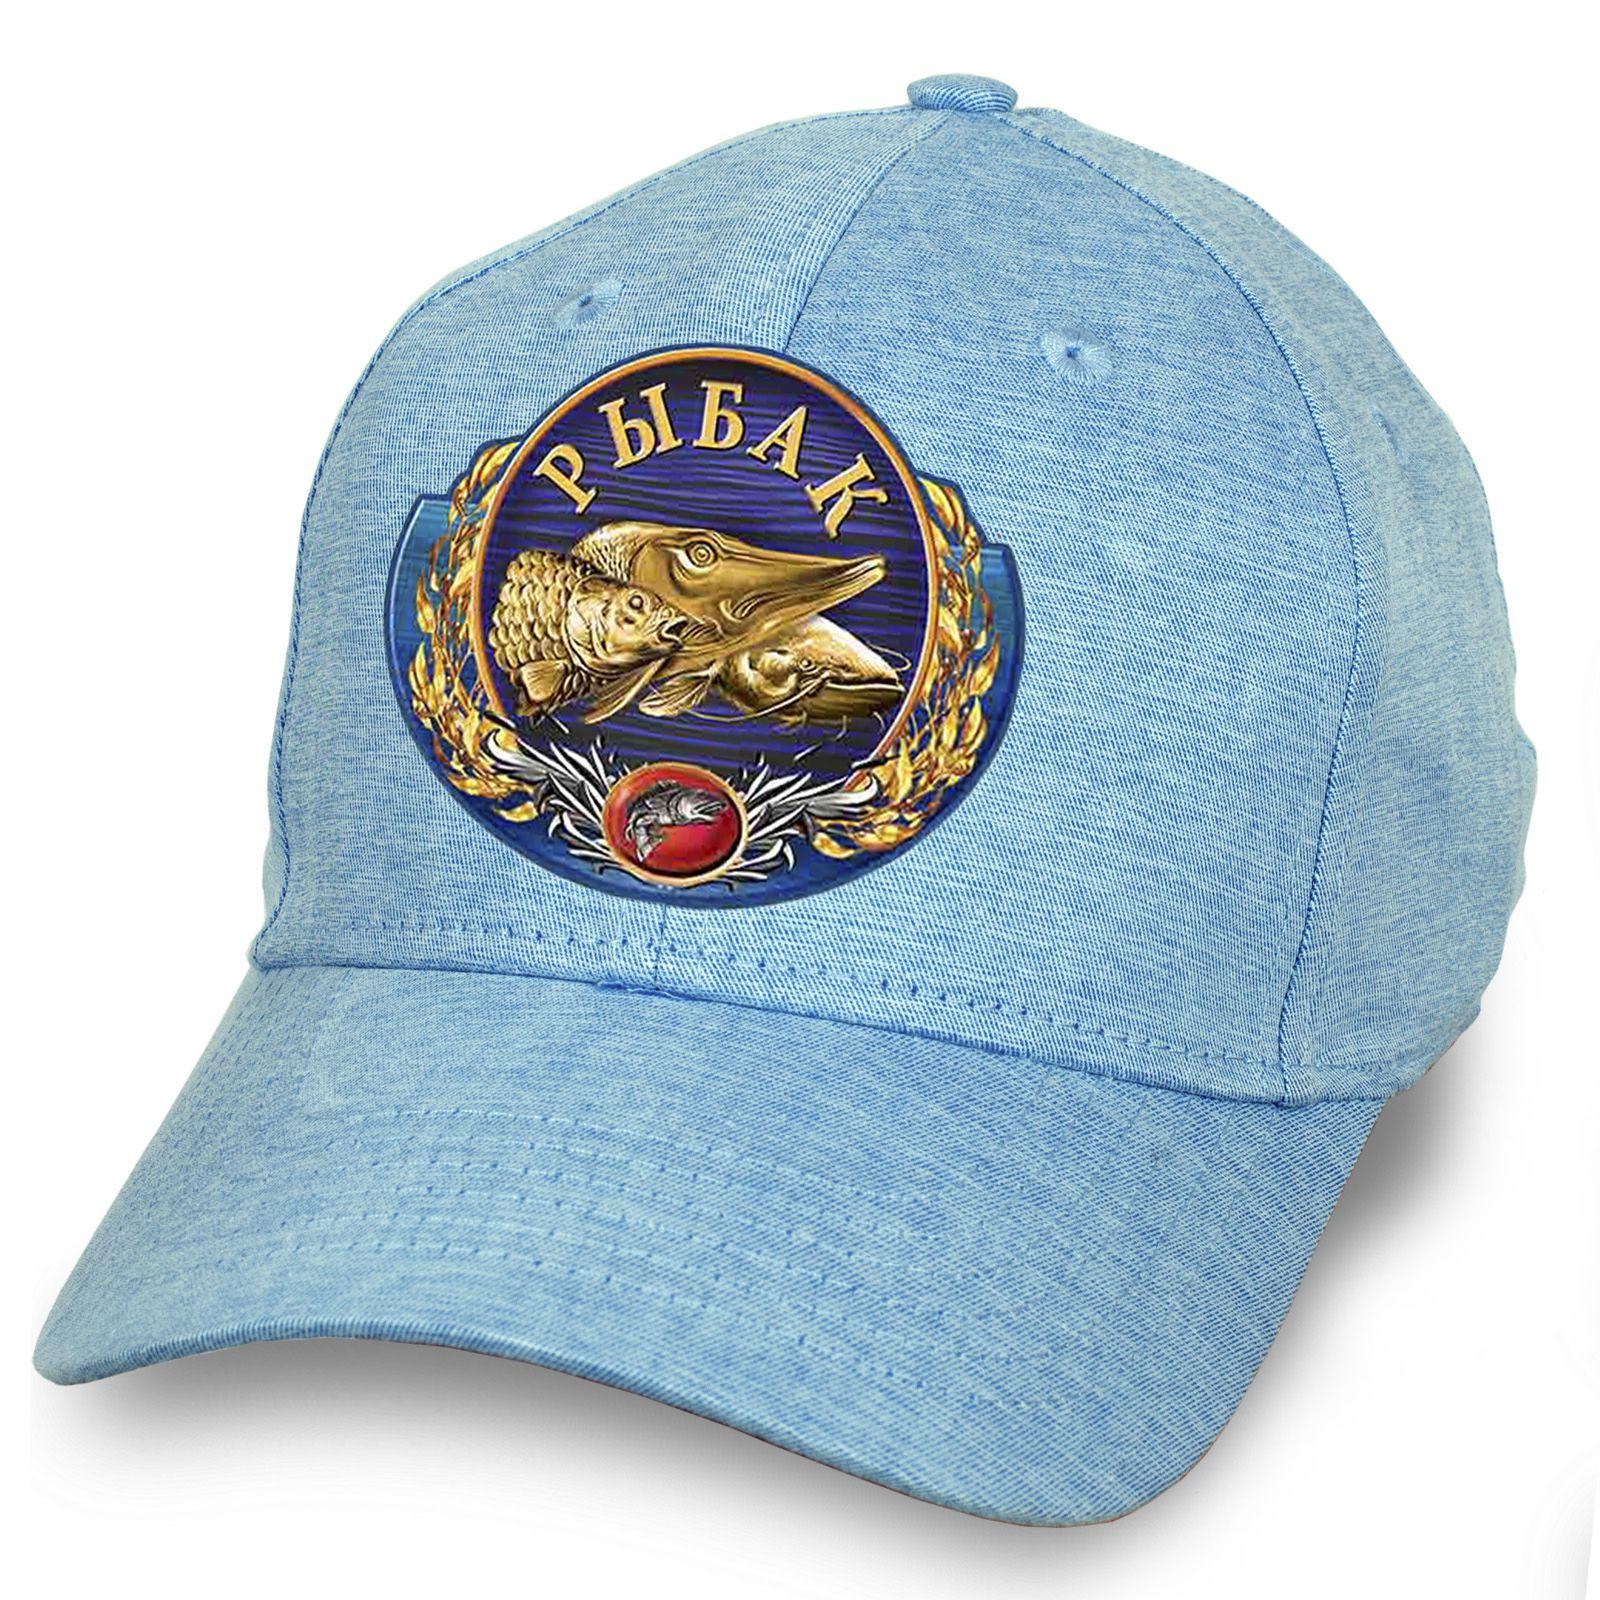 Рыболовная бейсболка голубой меланж - купить с доставкой